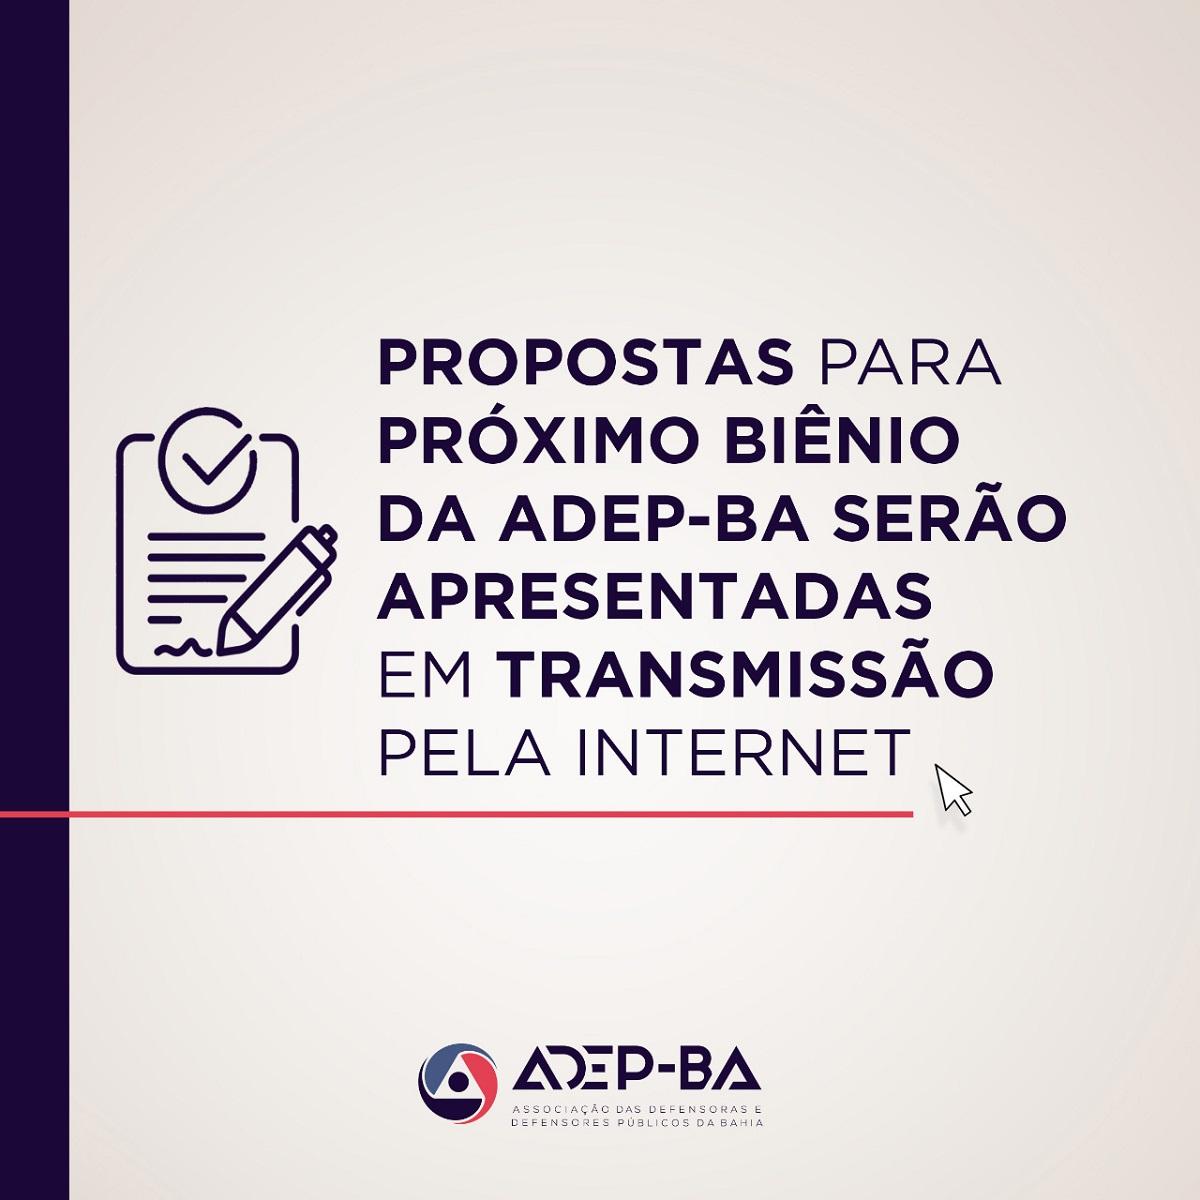 Propostas para próximo biênio serão apresentadas em transmissão pela internet